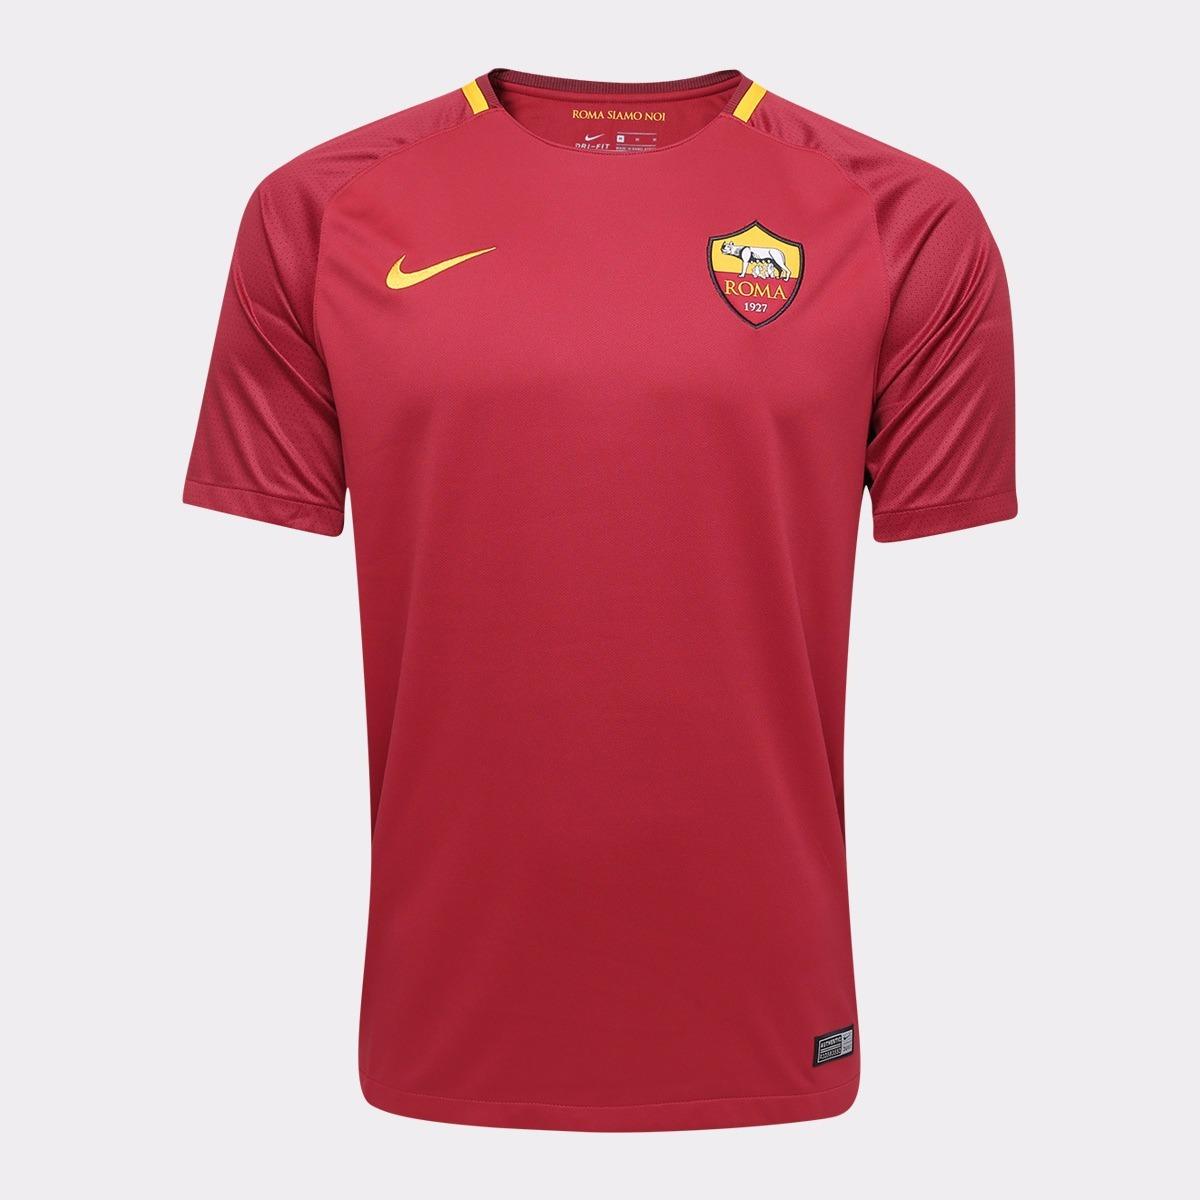 9b0d10cb48ae9 Camisa Da Roma Original Nova Lançamento Itália Europeu Time - R  125 ...